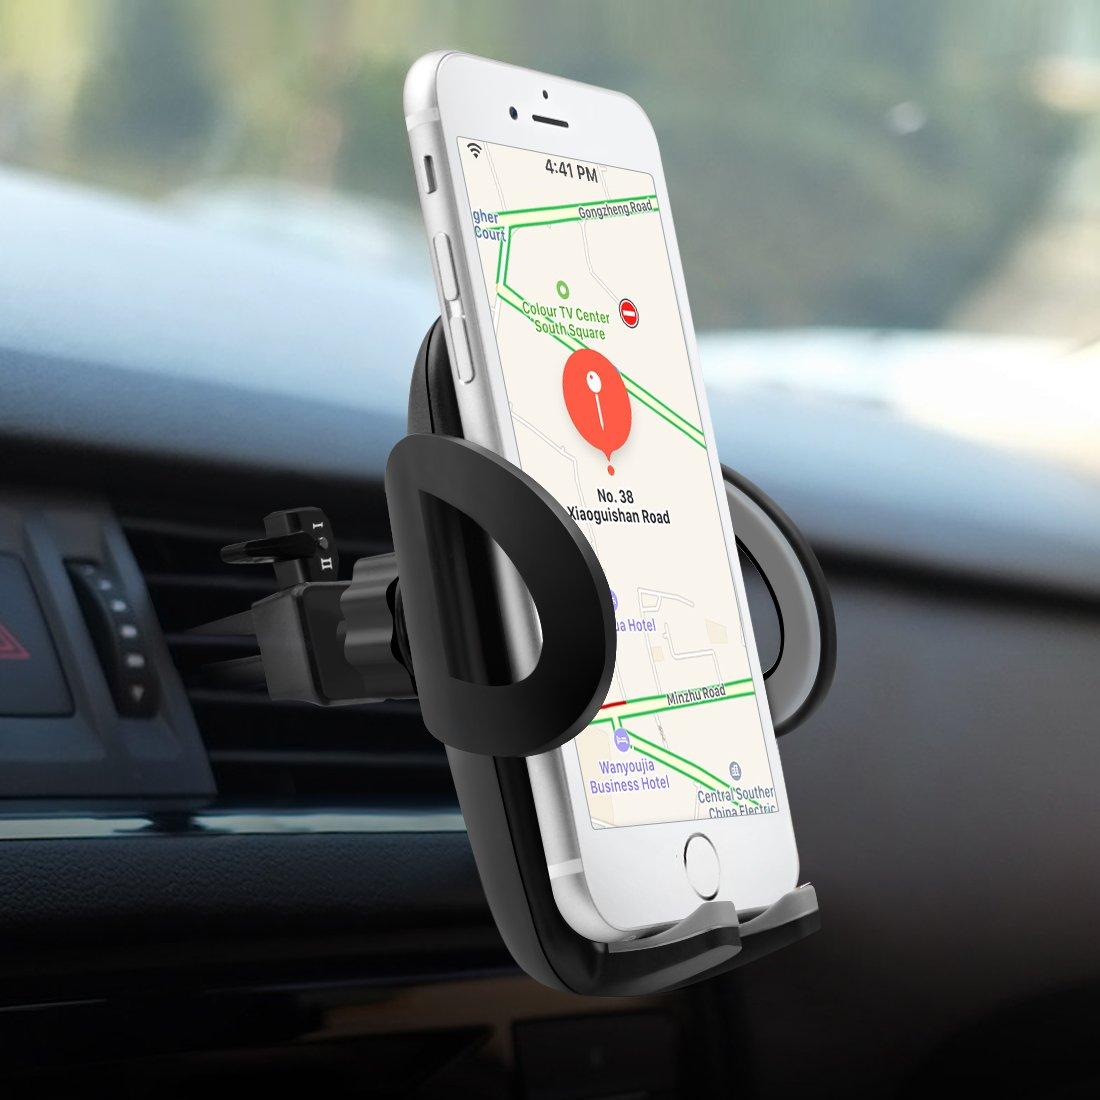 Supporto Auto Smartphone, POOPHUNS Porta Cellulare Auto Bocchette Aria Regolabile e 360 Gradi di Rotazione, Supporto Auto Universale, Porta Telefono Antiscivolo e Stabile Favor Selects